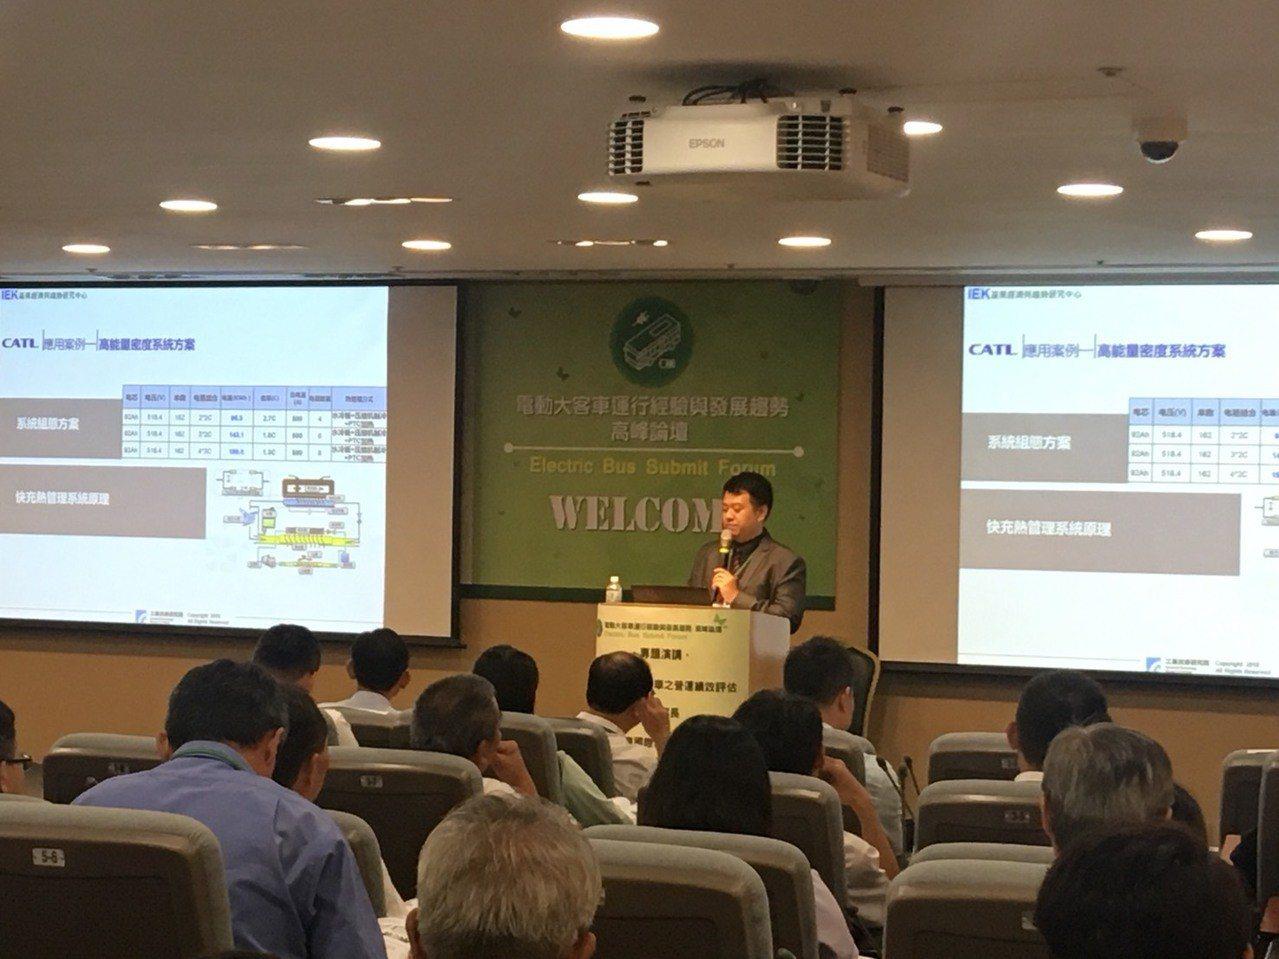 中華民國公共汽車客運商業同業公會全國聯合會今舉辦「電動大客車運行經驗與發展趨勢」...